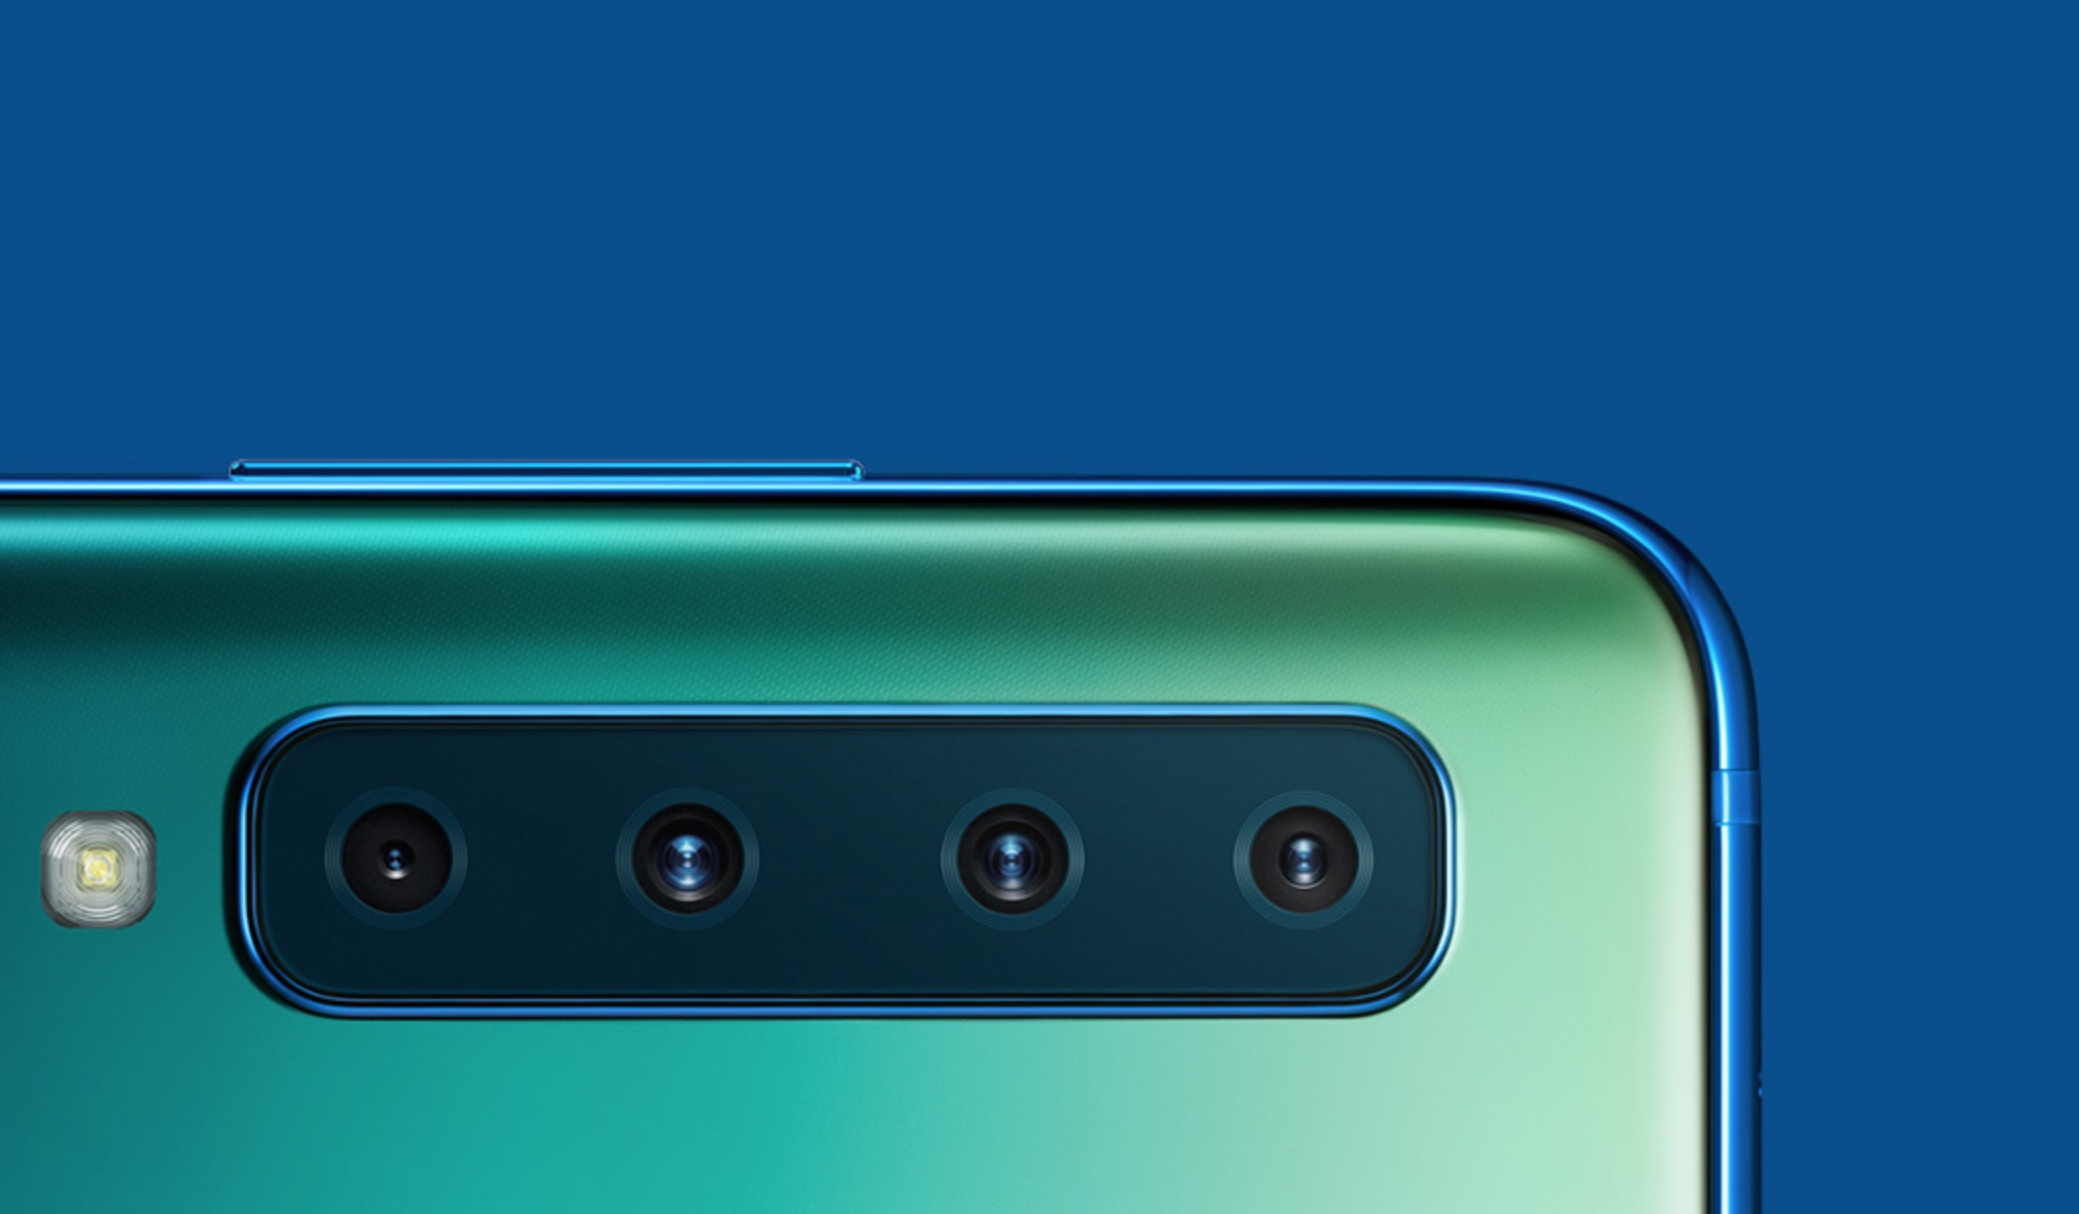 Samsung Galaxy A9 Quad Rear Camera Smartphone